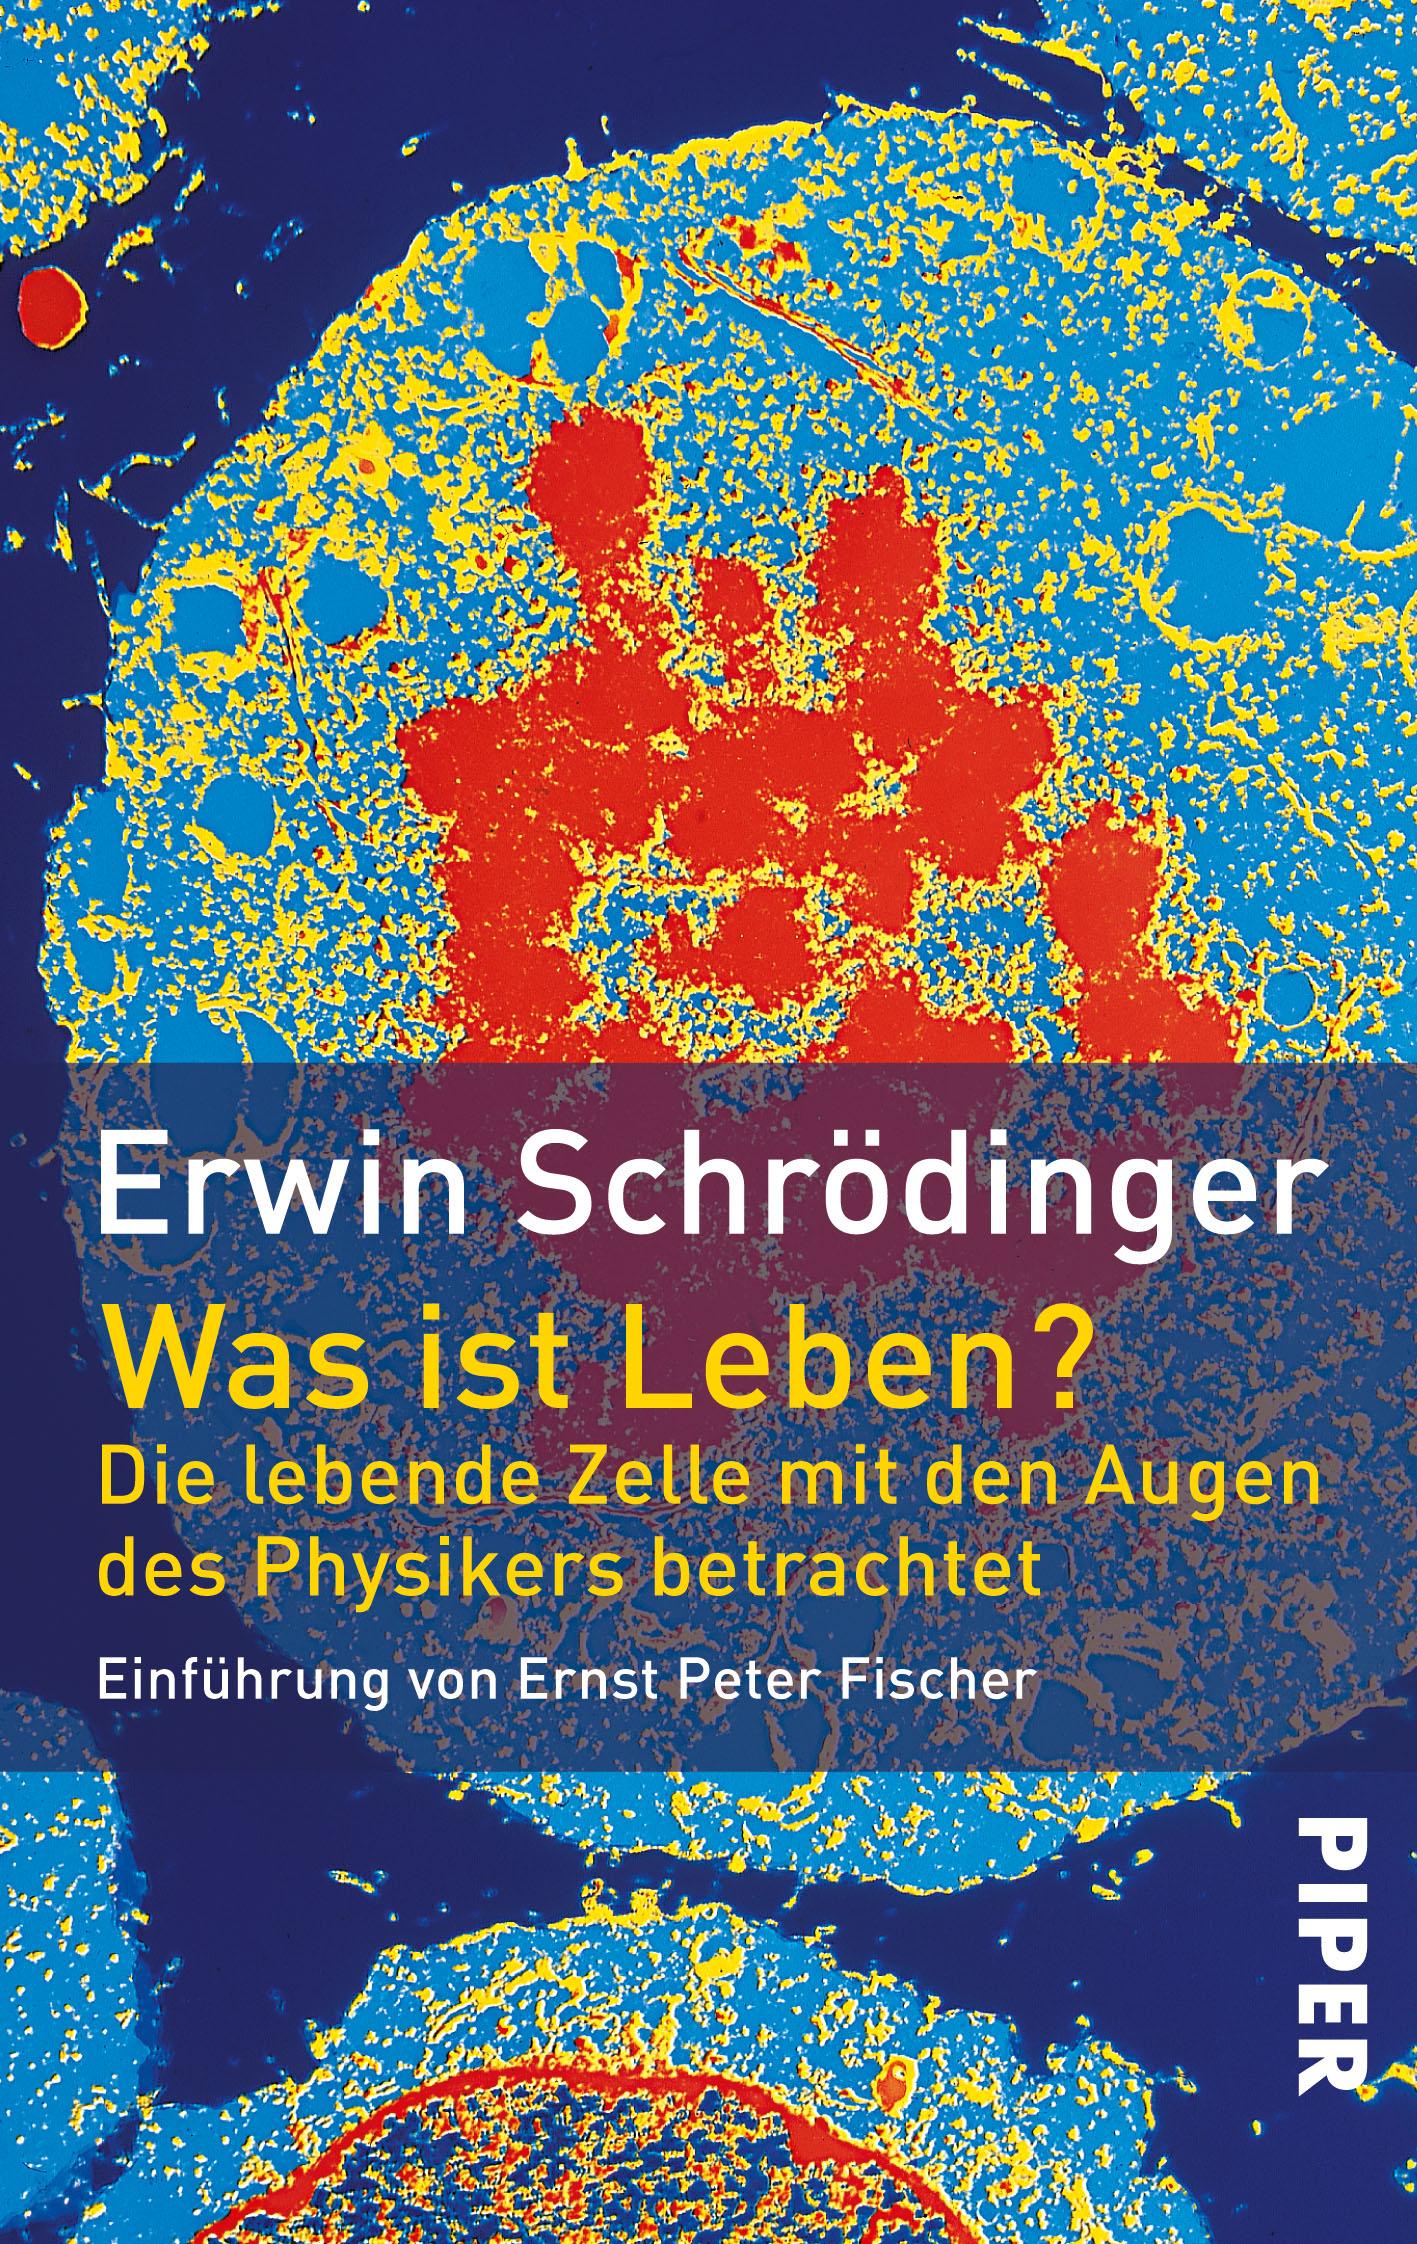 Was ist Leben?: Die lebende Zelle mit den Augen des Physikers betrachtet - Erwin Schrödinger